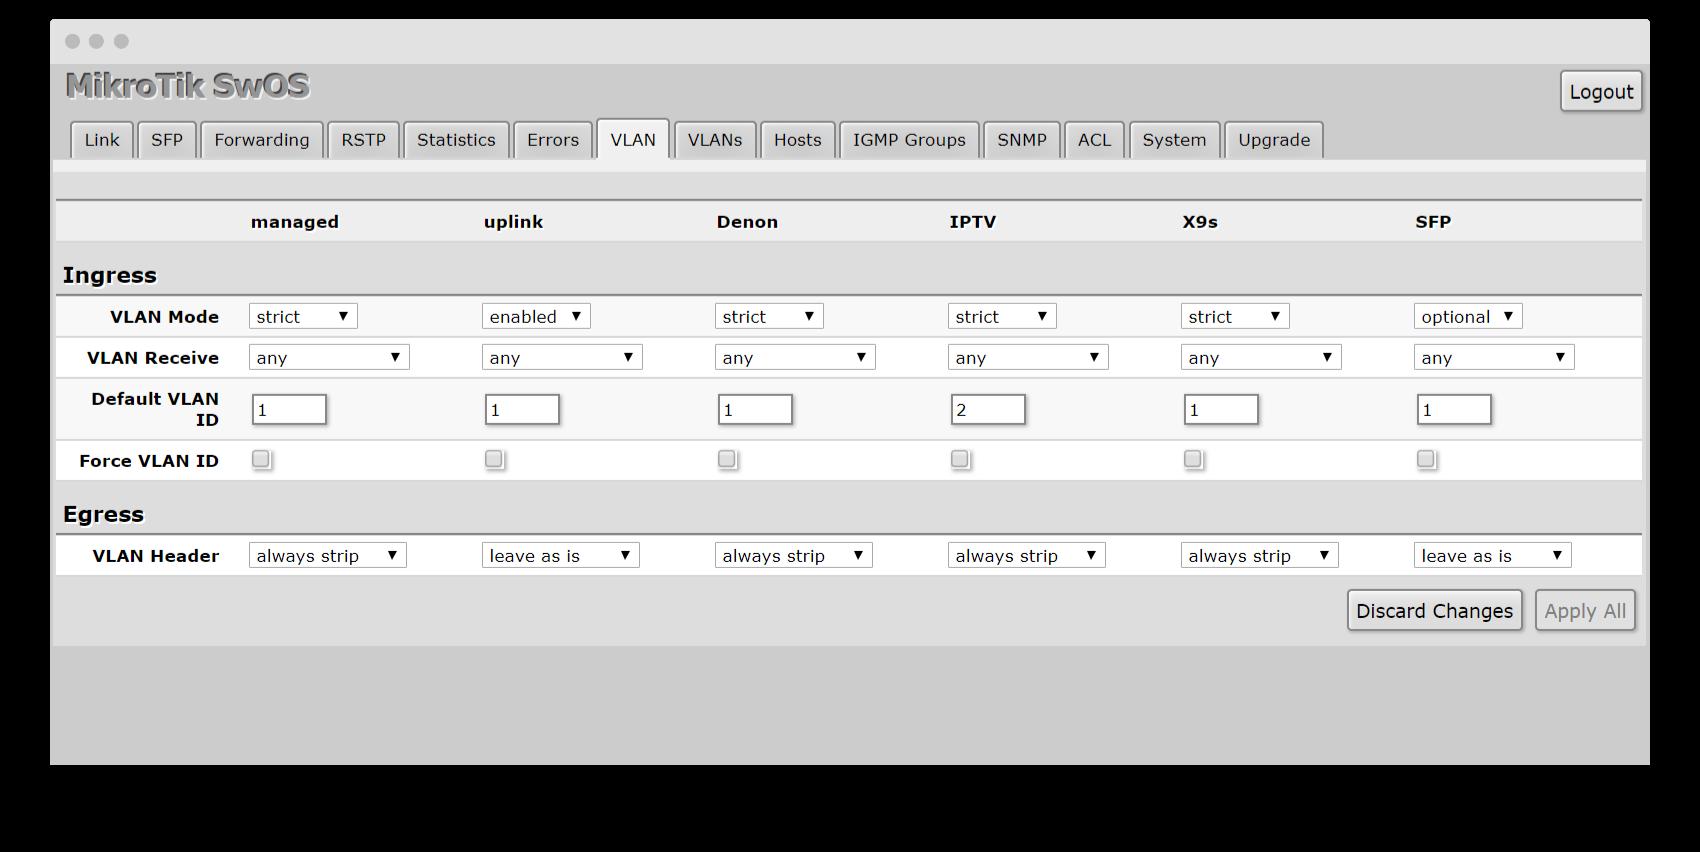 Vlan trunk betwen OpenWrt (Netgear R7800) and SwOS (Mikrotik RB260GS